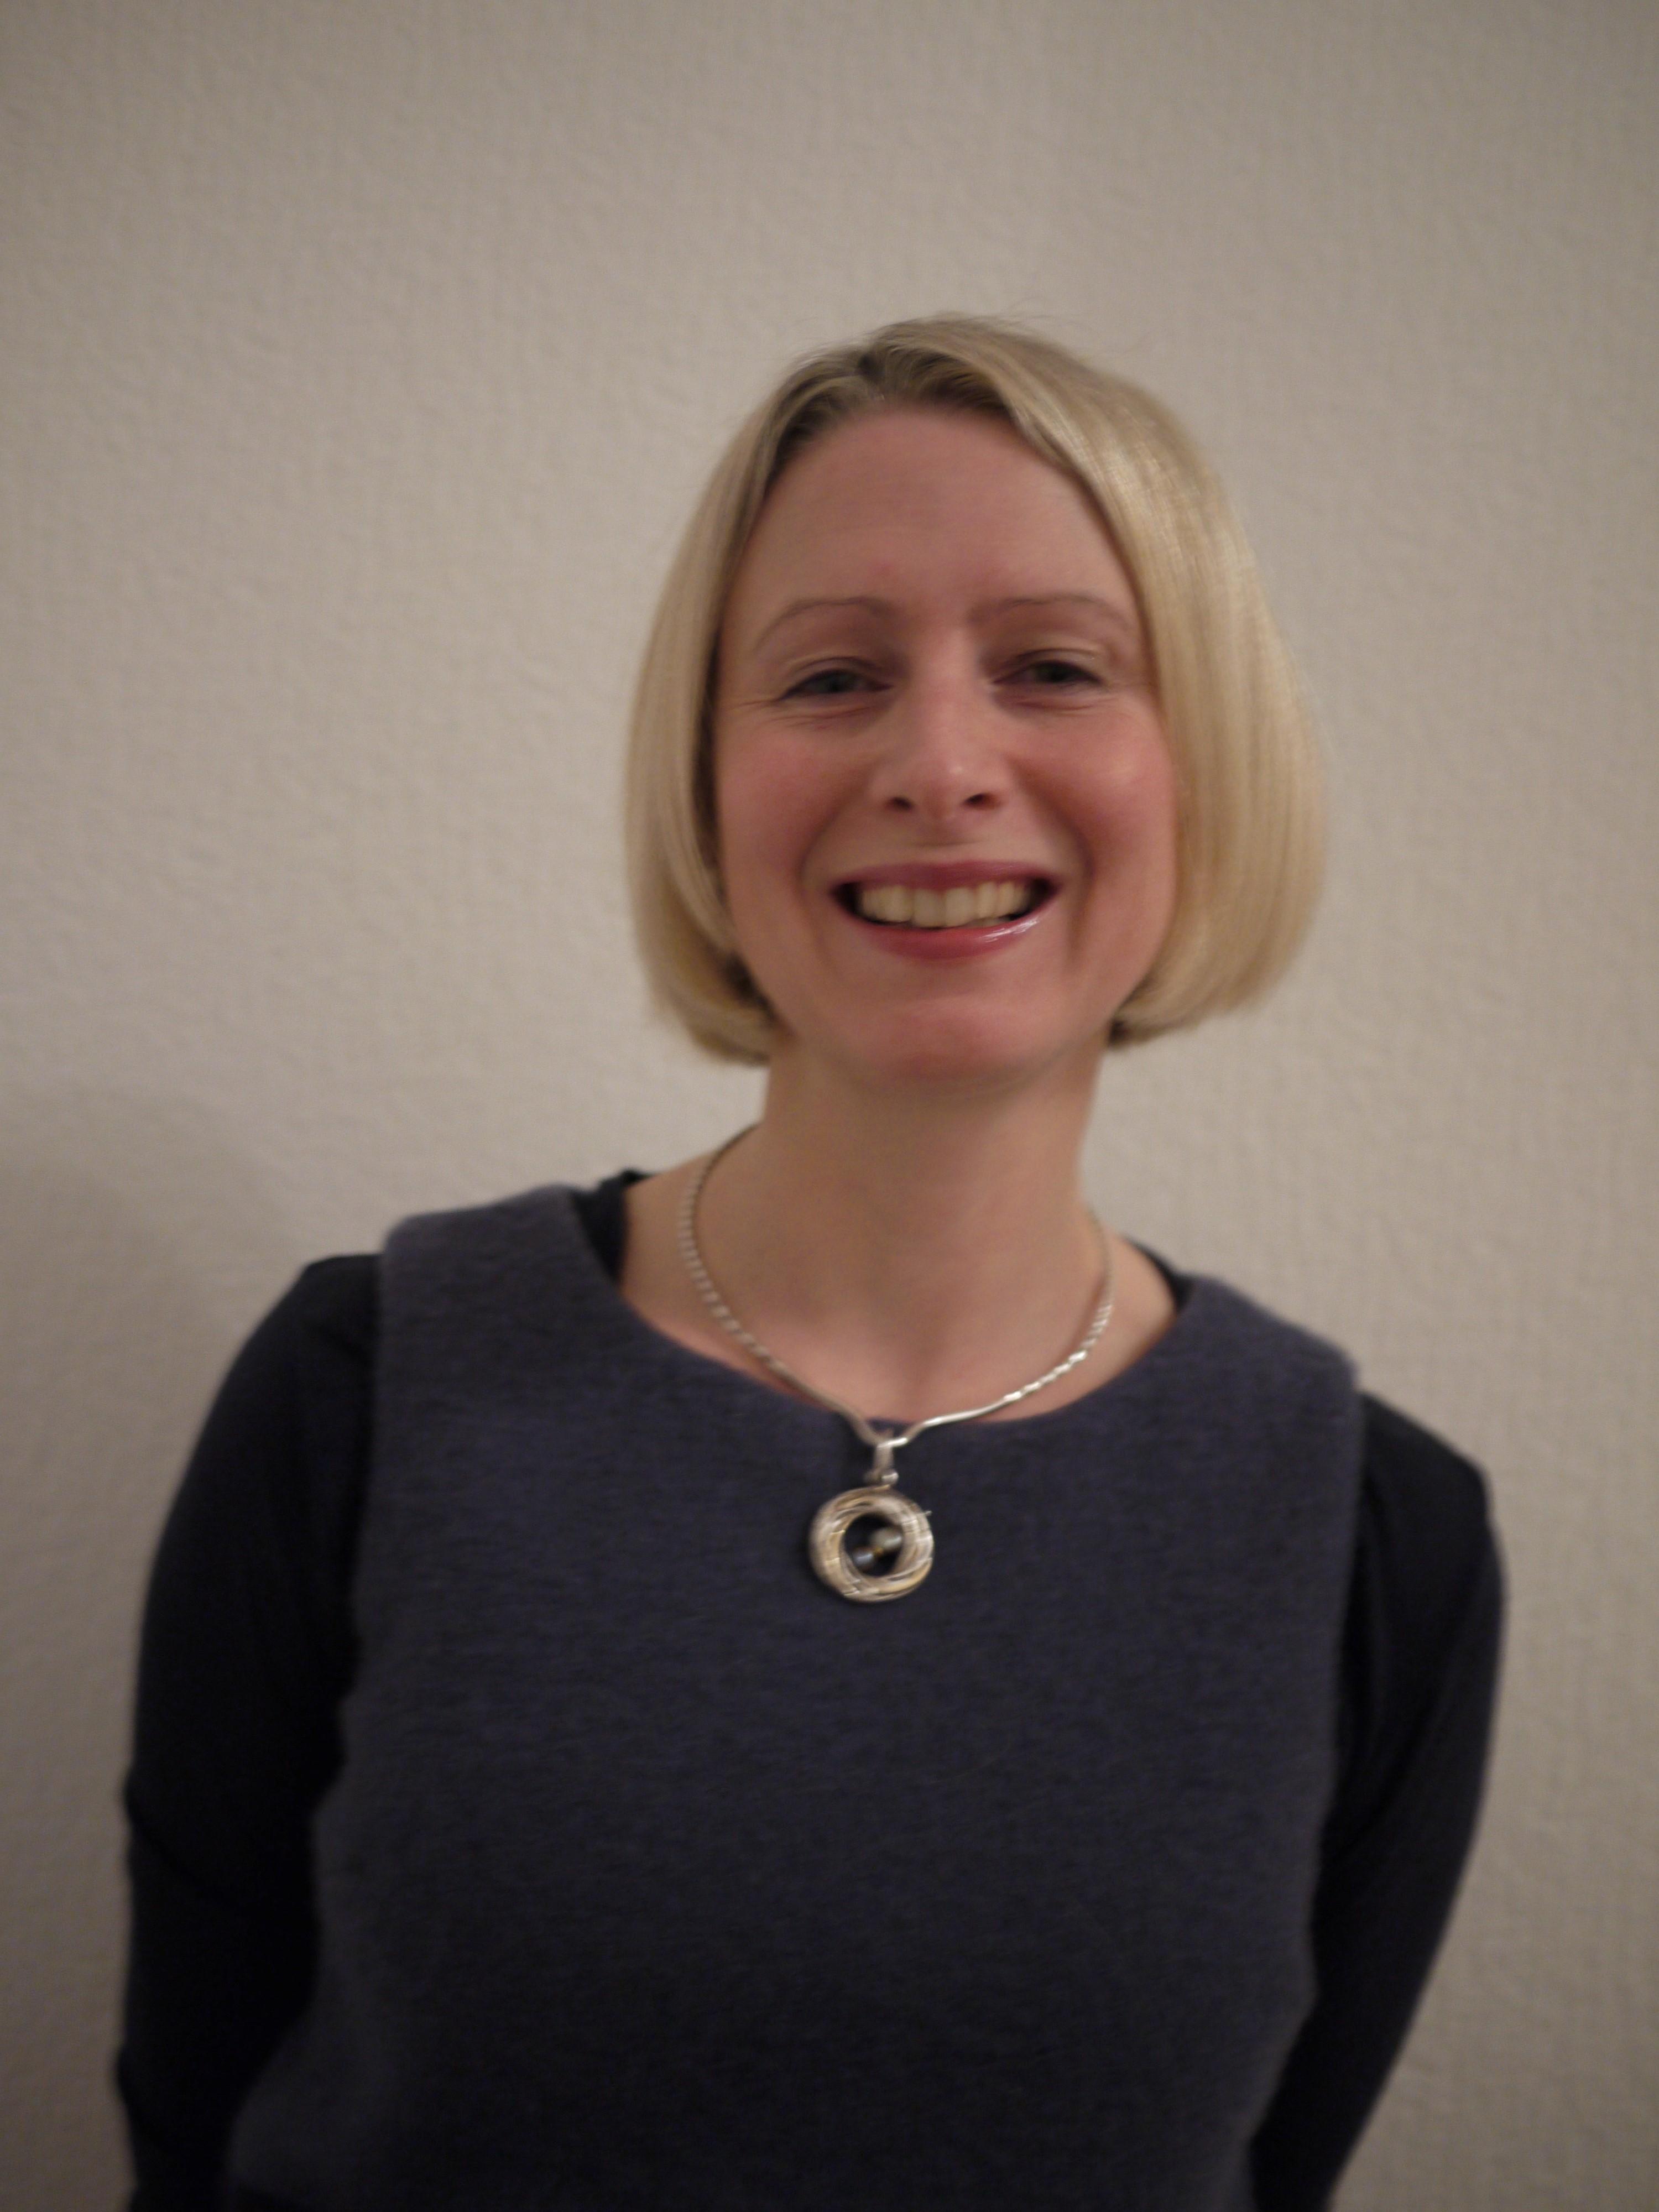 Ashleigh Cormack